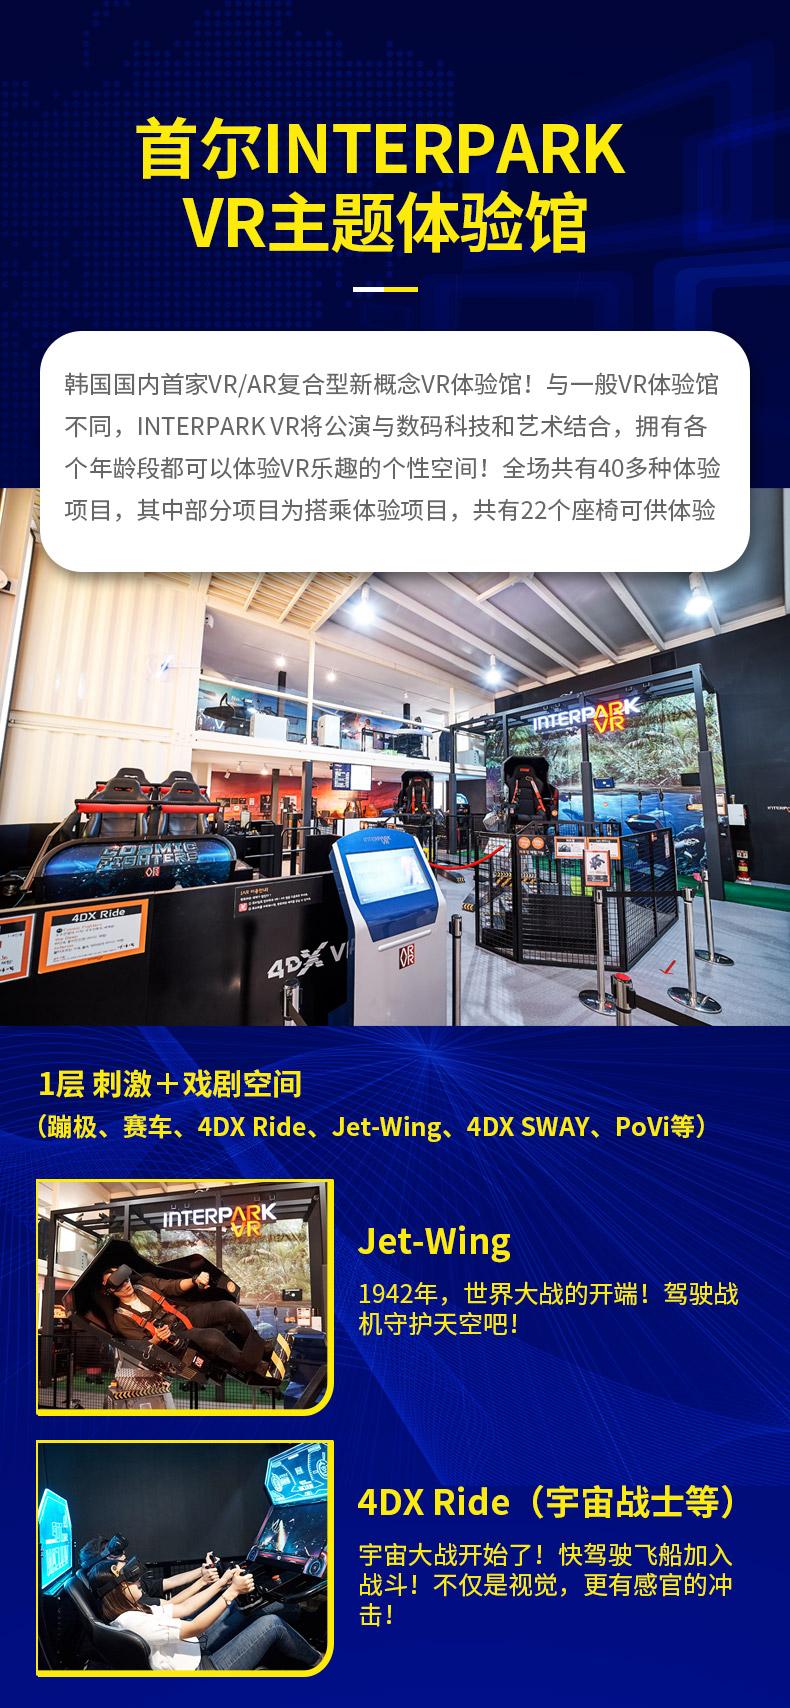 首尔INTERPARK-VR主题体验馆(1)_01.jpg